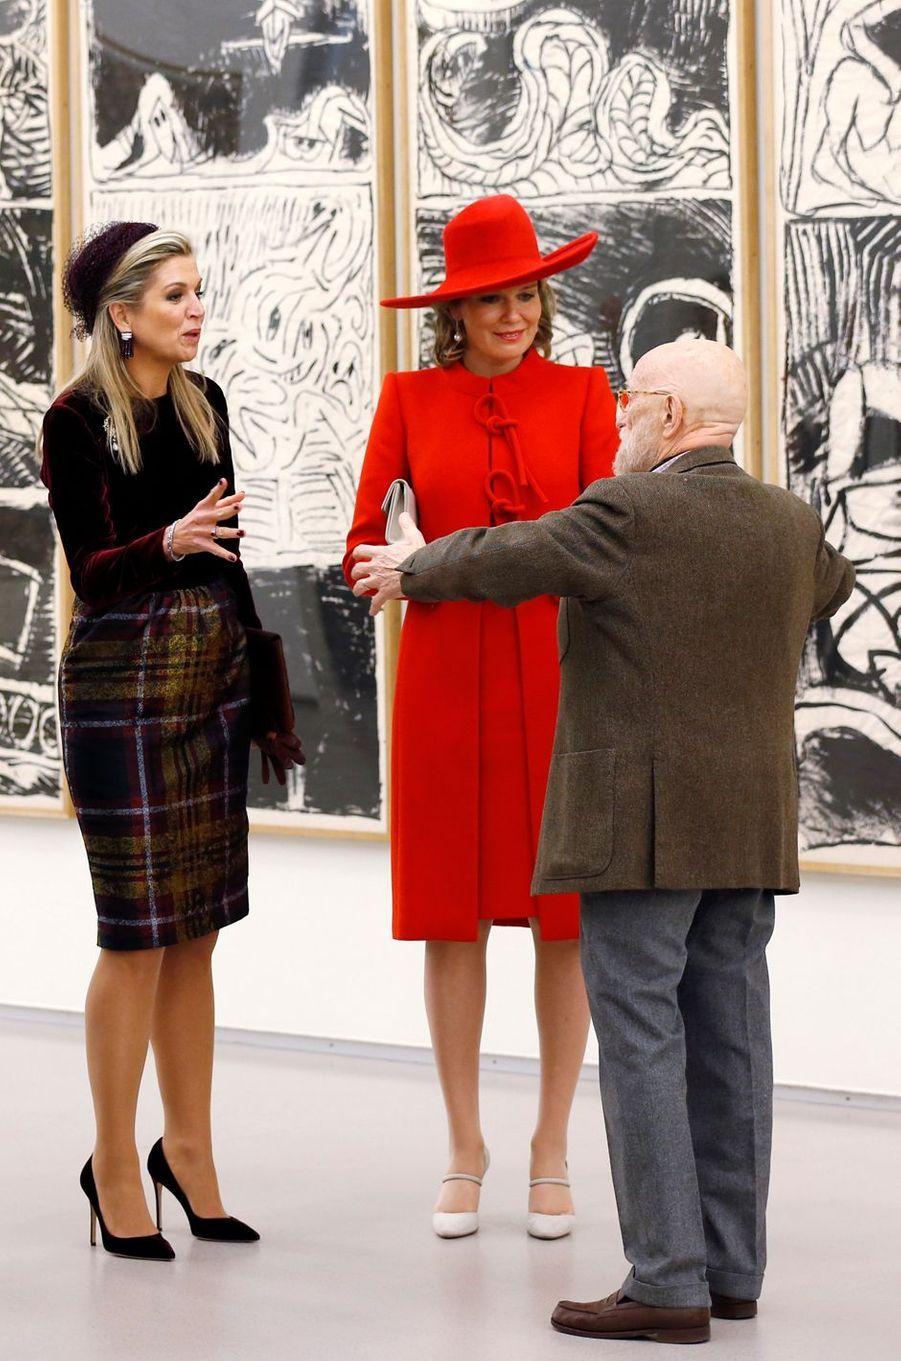 Les reines Maxima des Pays-Bas etMathilde de Belgique avec Pierre Alechinsky à Amstelveen, le 29 novembre 2016